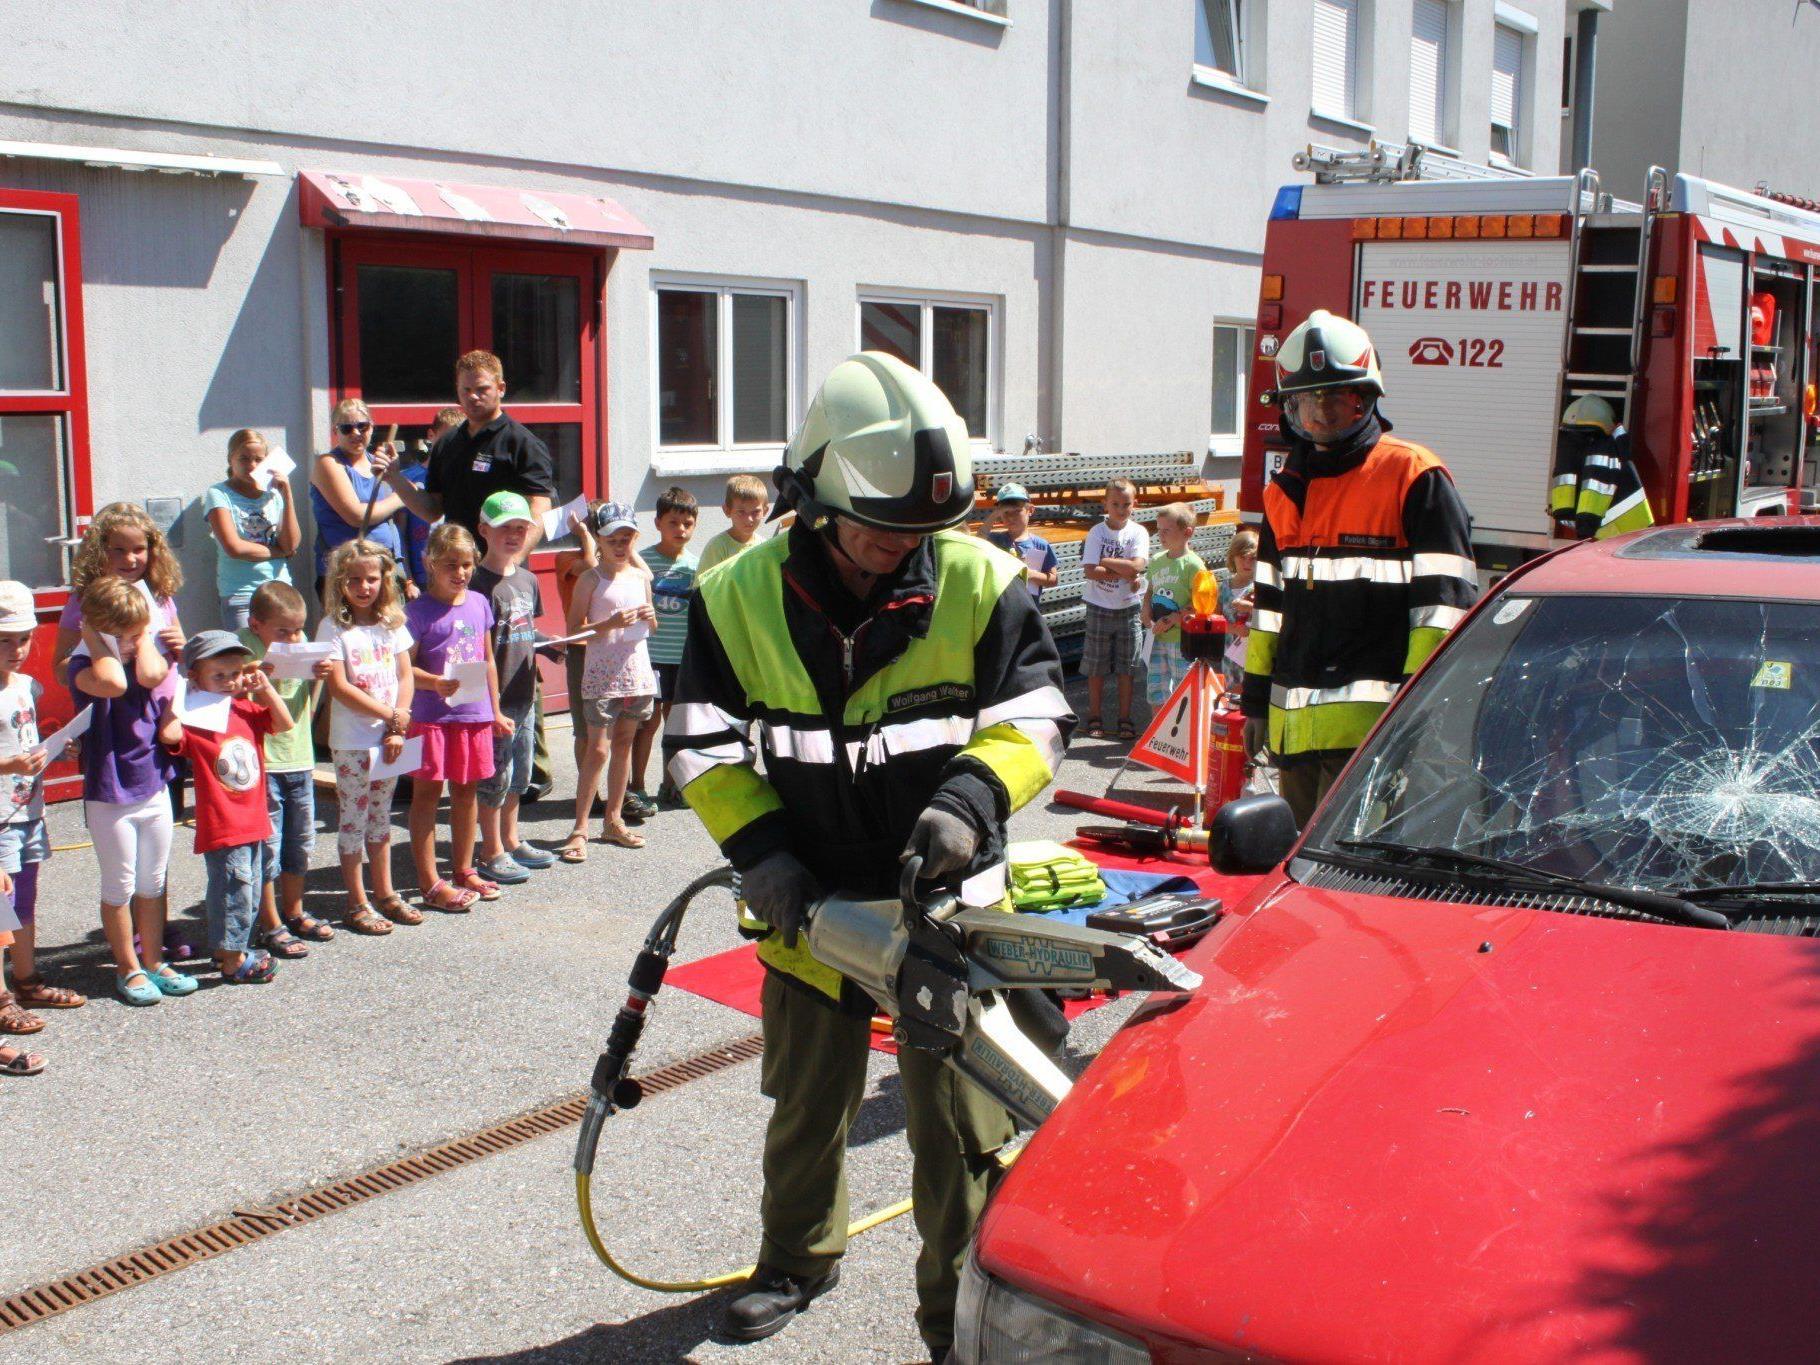 Natürlich ist Besuch bei der Feuerwehr für die Kinder alljährlich der ganz besondere Höhepunkt im Lochauer Ferienkalender.